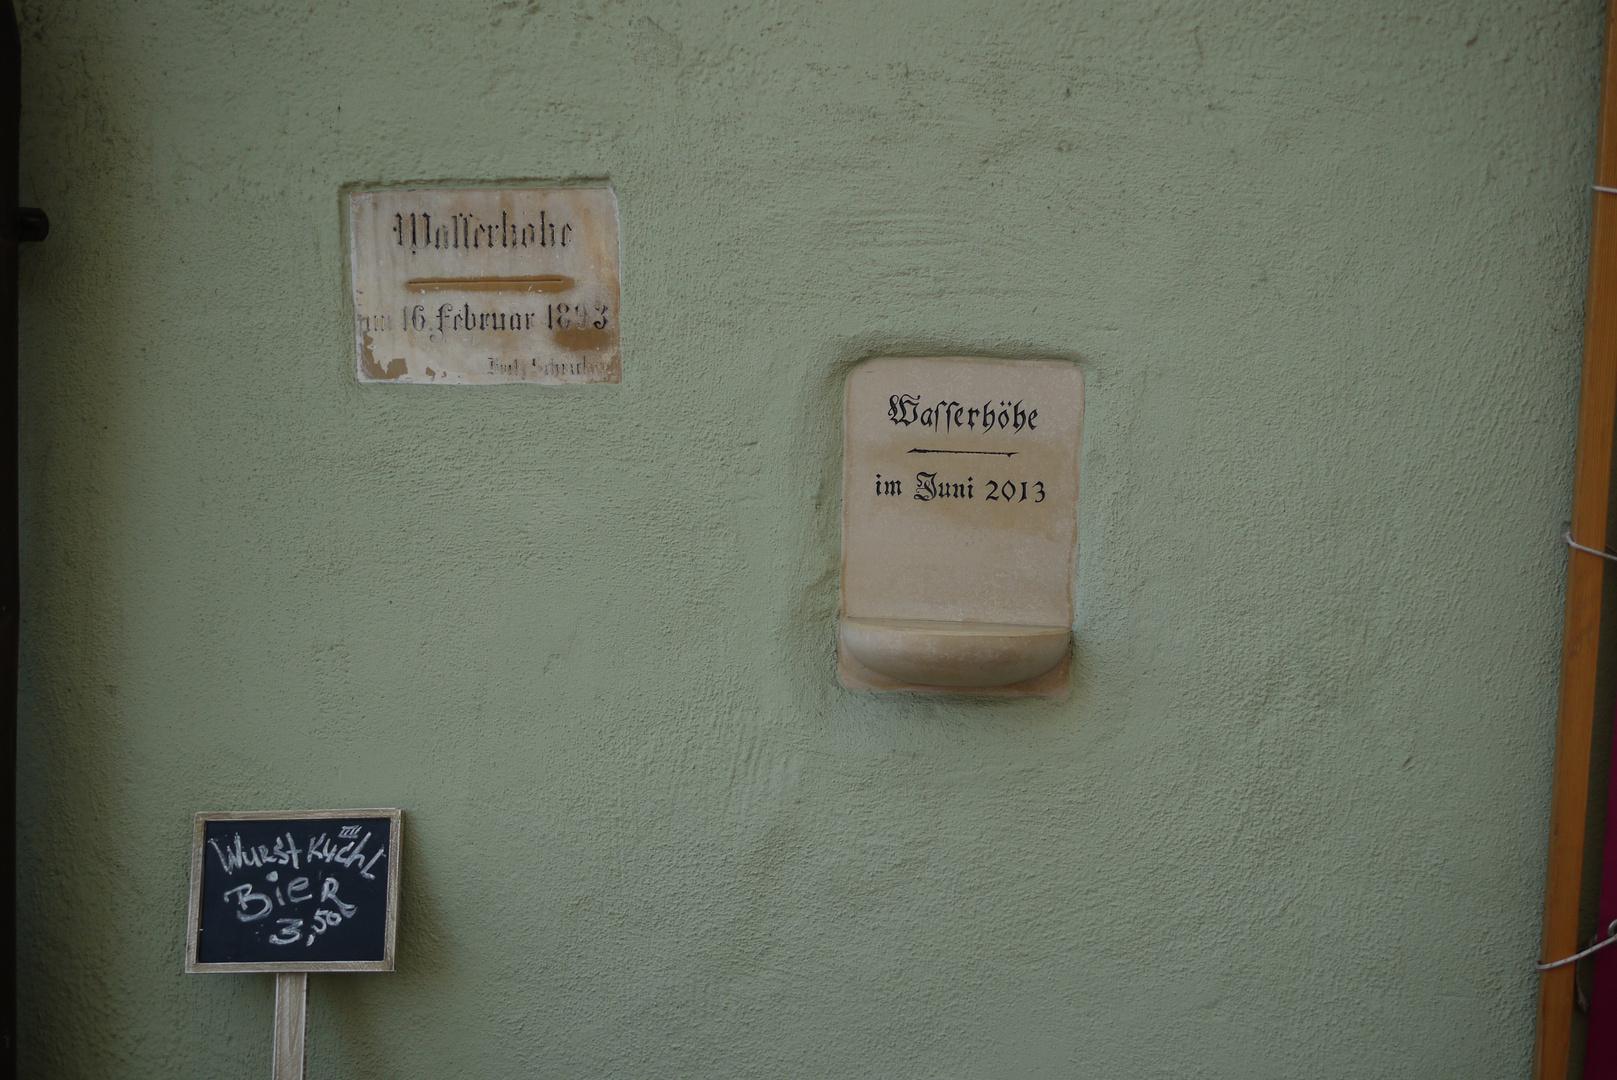 Ausflug nach Regensburg - September 2014 IV